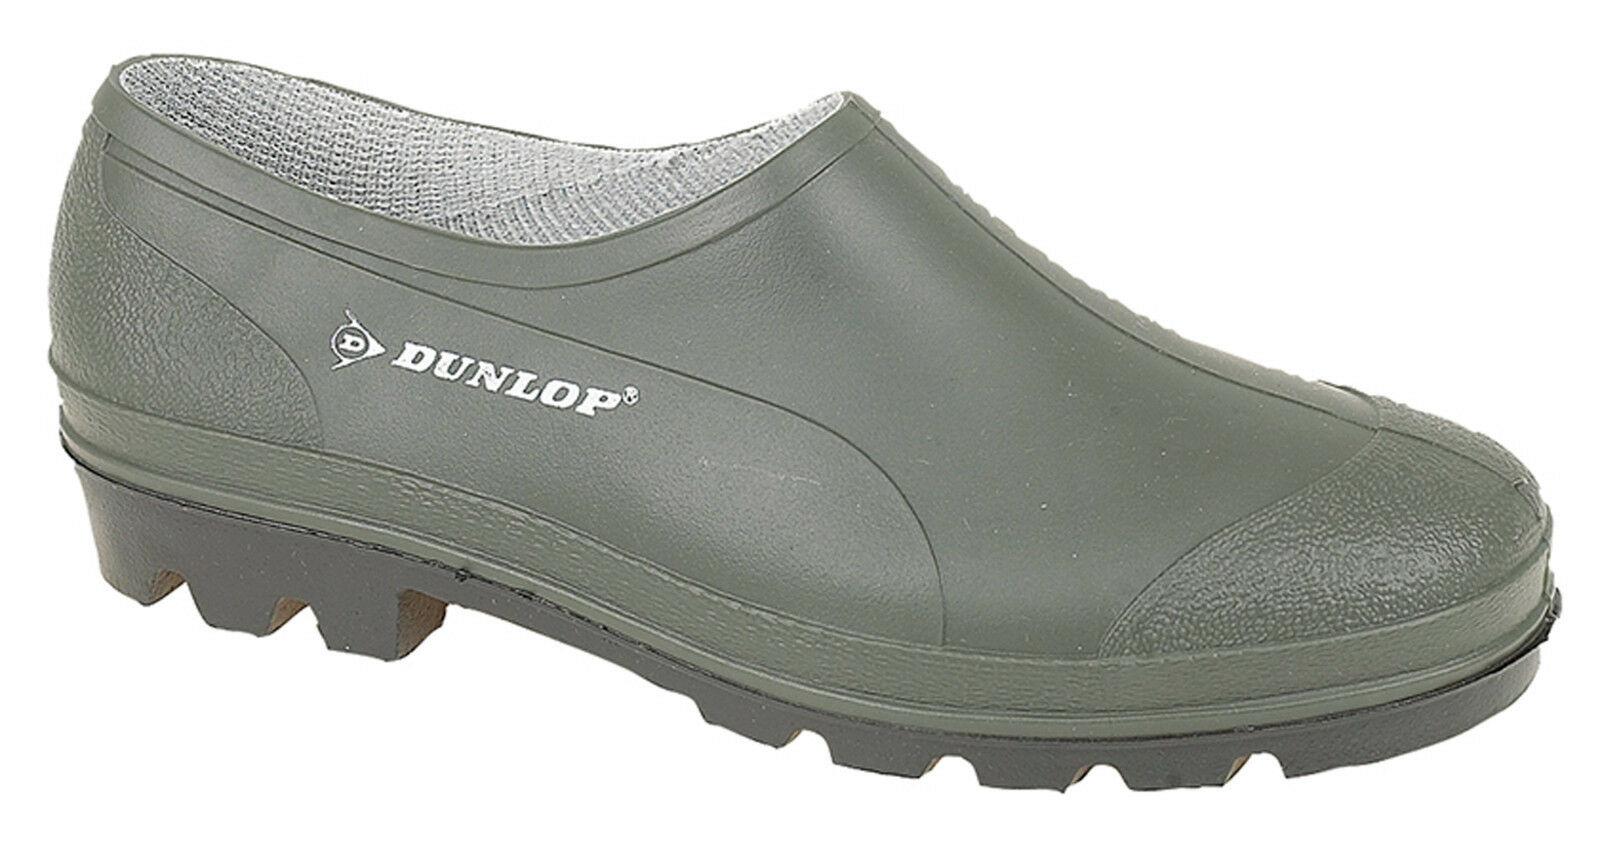 Détails Sur Dunlop Jardin Chaussures Unie Étanche Vert Jardinage Wellie  Sabots Tailles 3 tout Sabot De Jardin